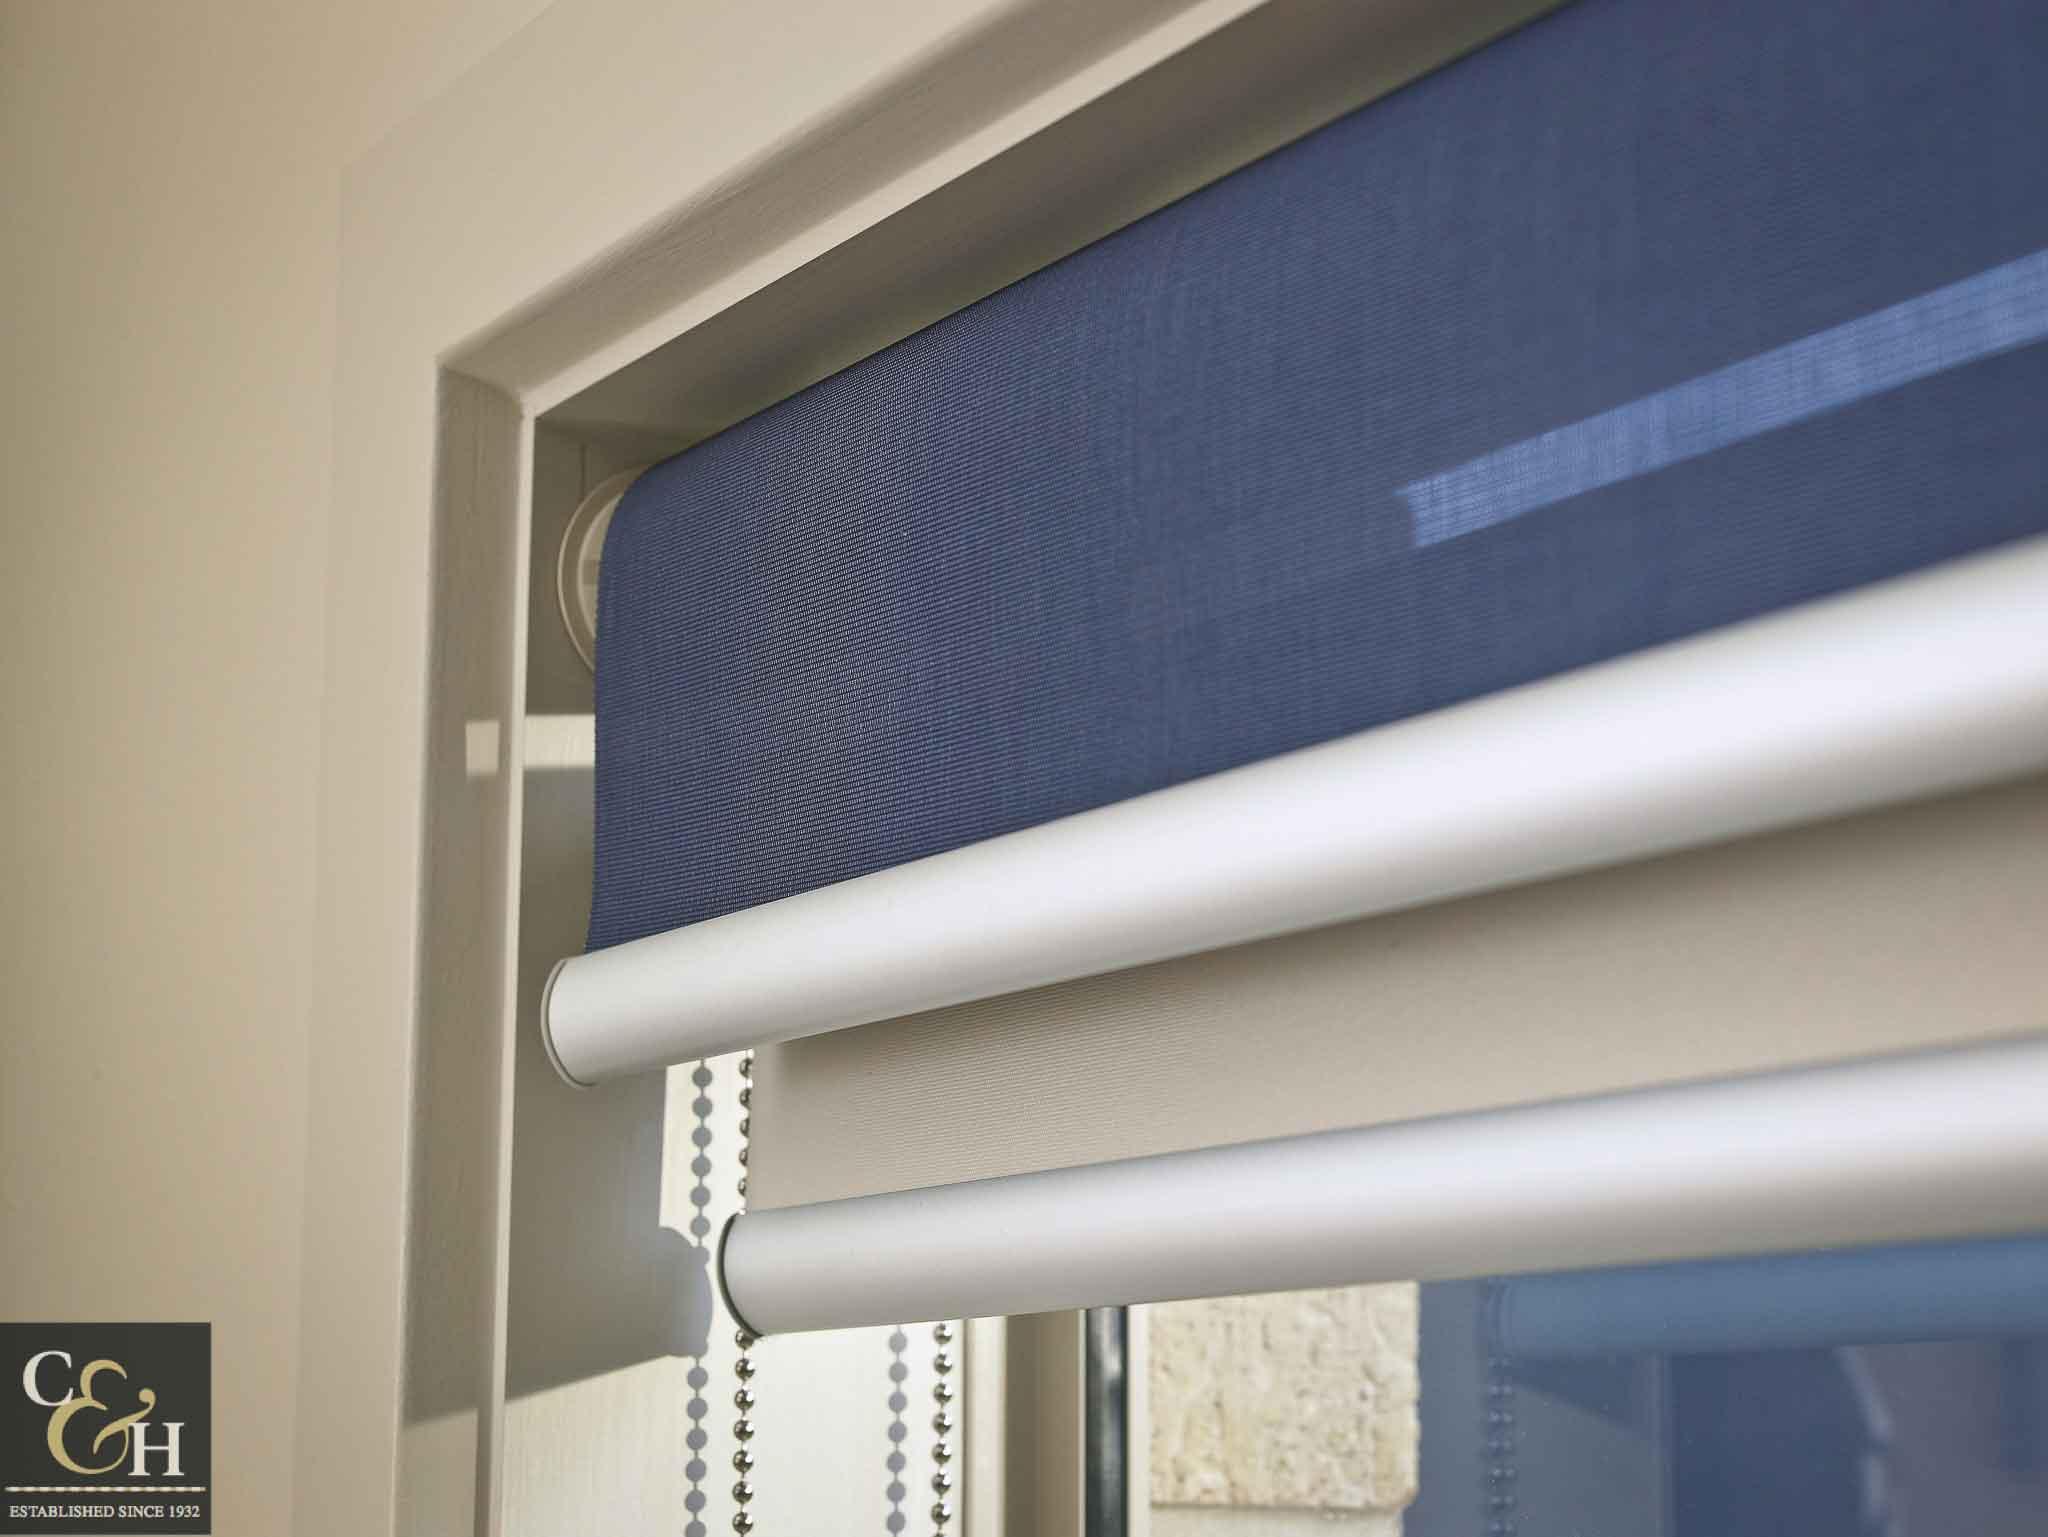 Dual-Roller-Blinds-13.3 inside an apartment